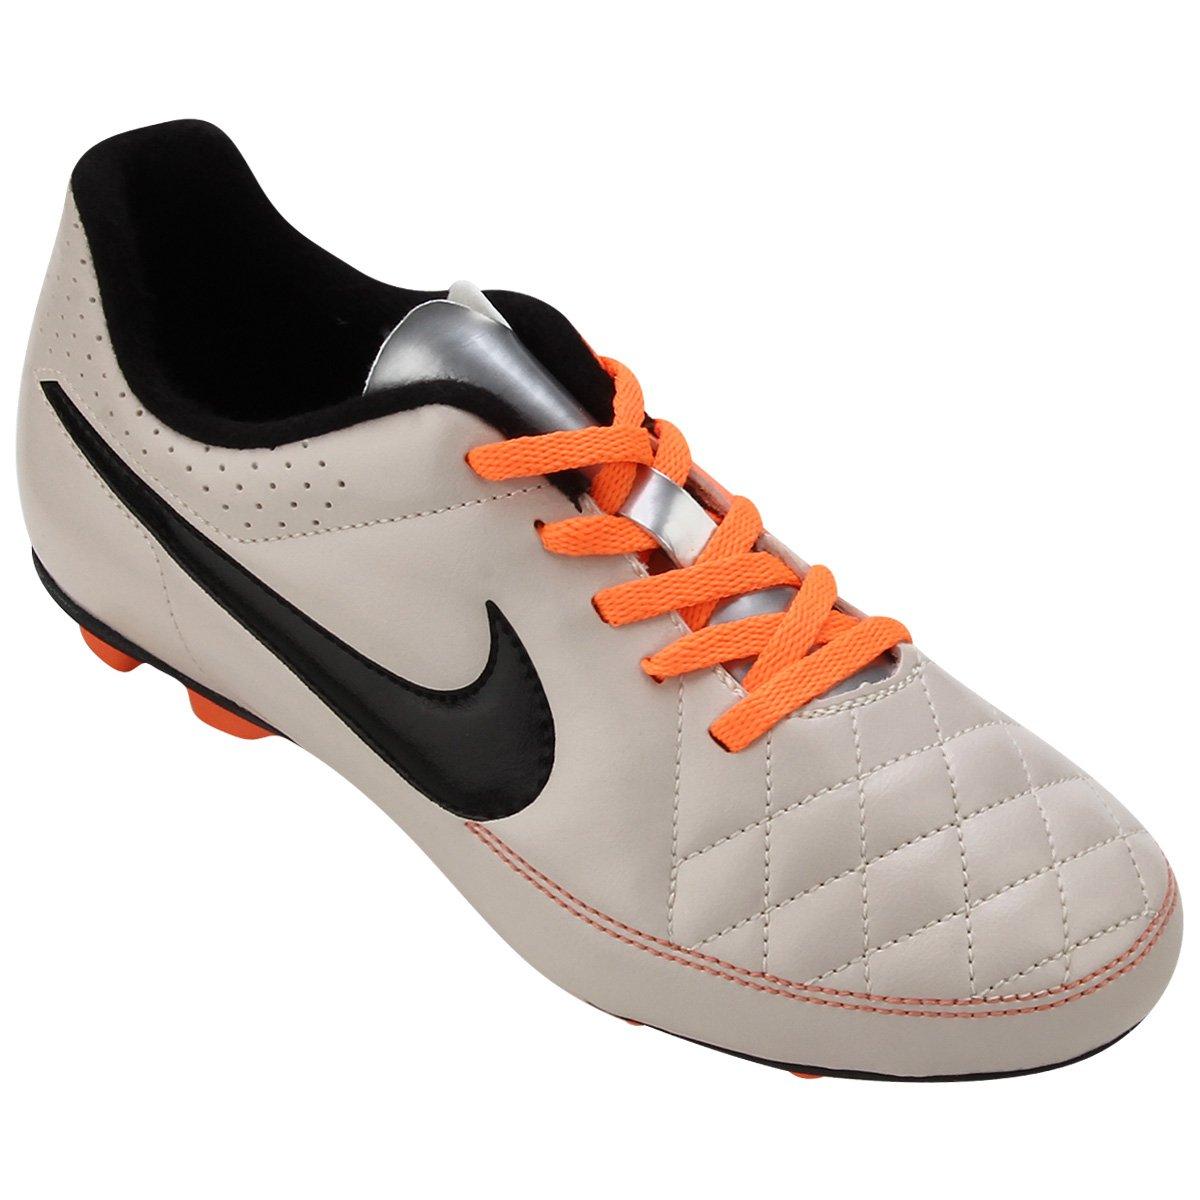 8953c56bb9 Chuteira Campo Infantil Nike Tiempo Rio 2 FG - Compre Agora